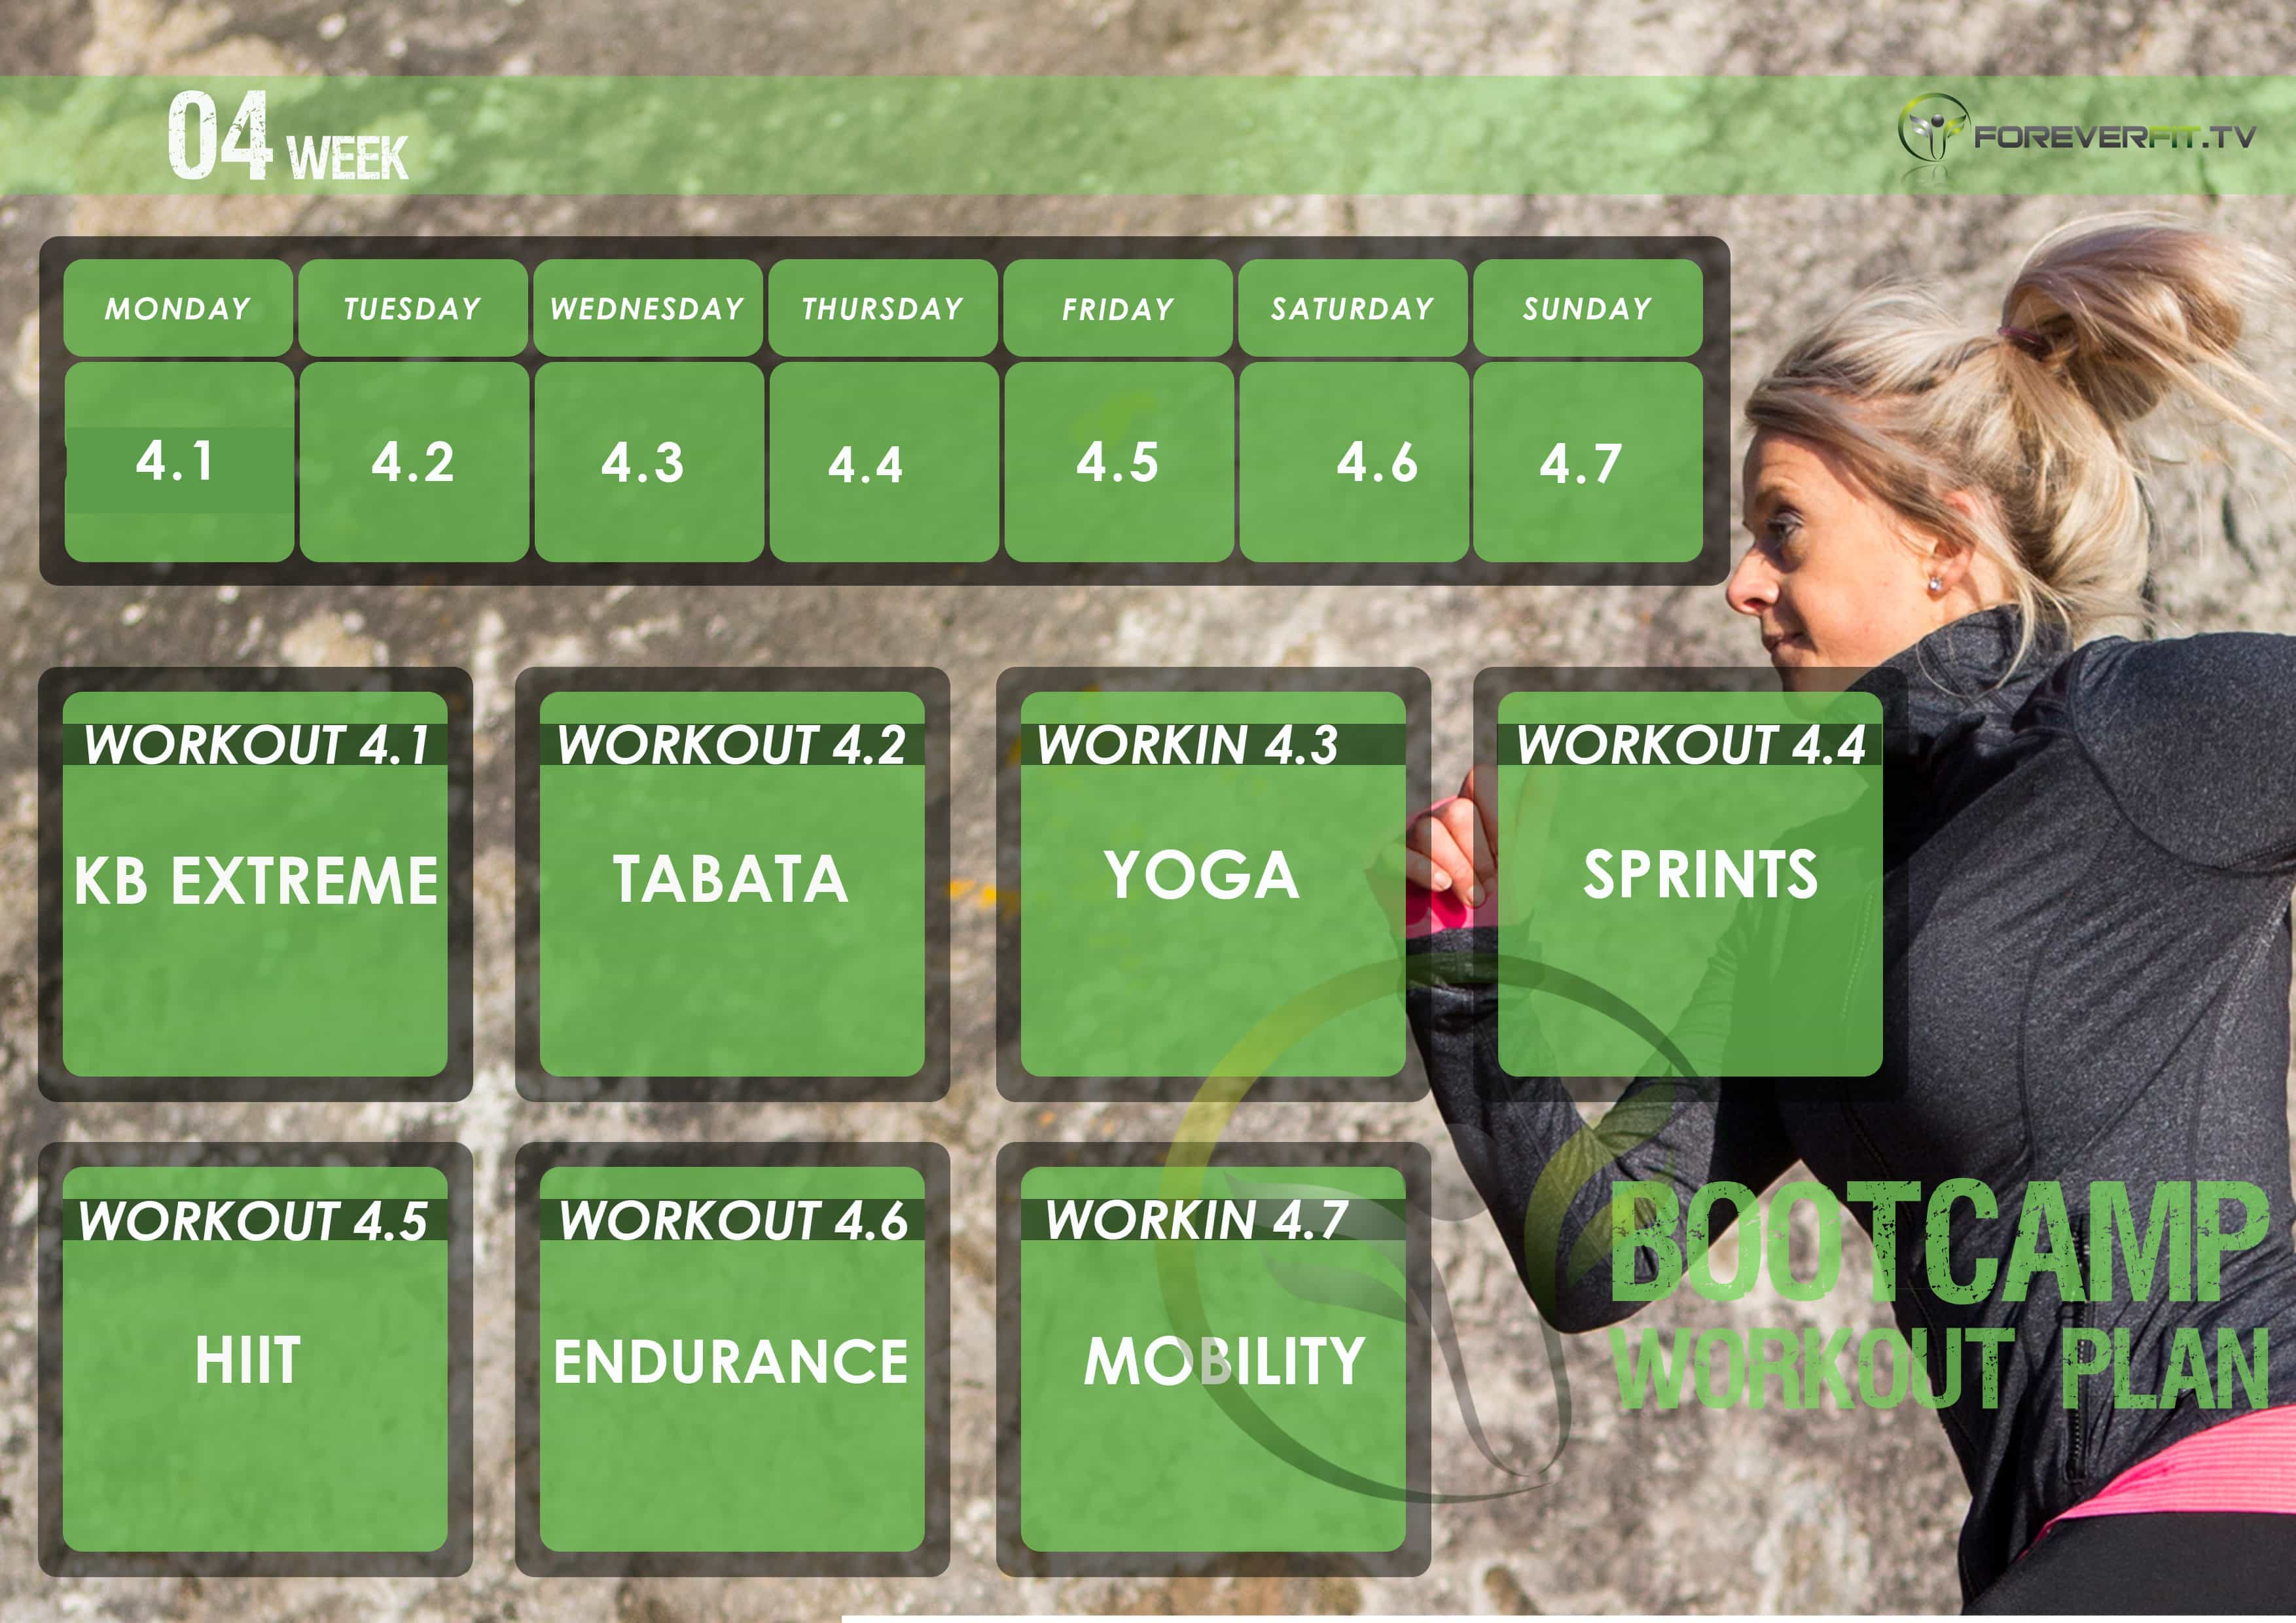 workout plan week 4